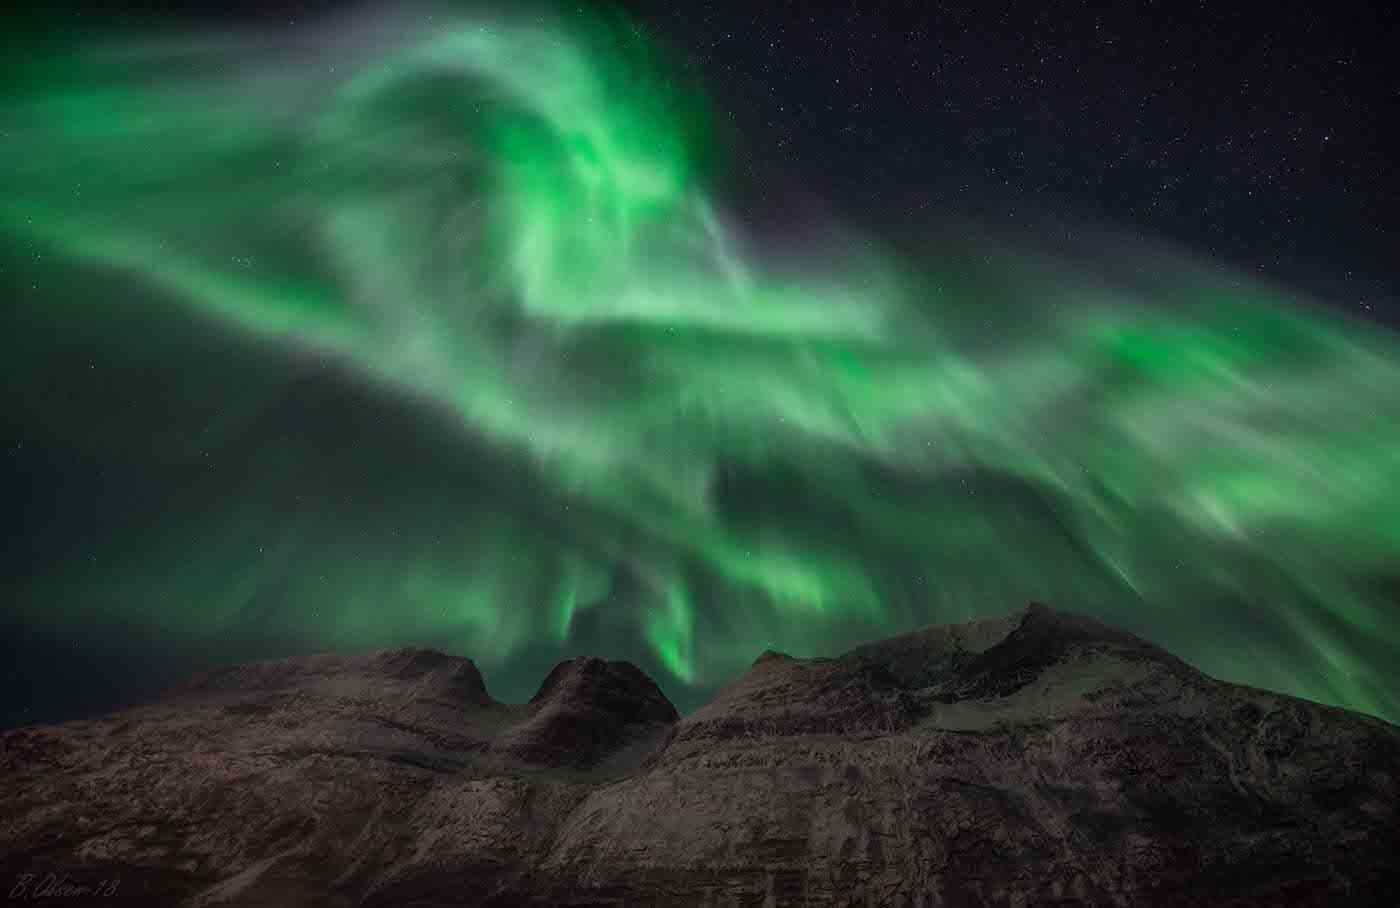 Auroras boreales fotografiadas desde Birtavarre, Noruega